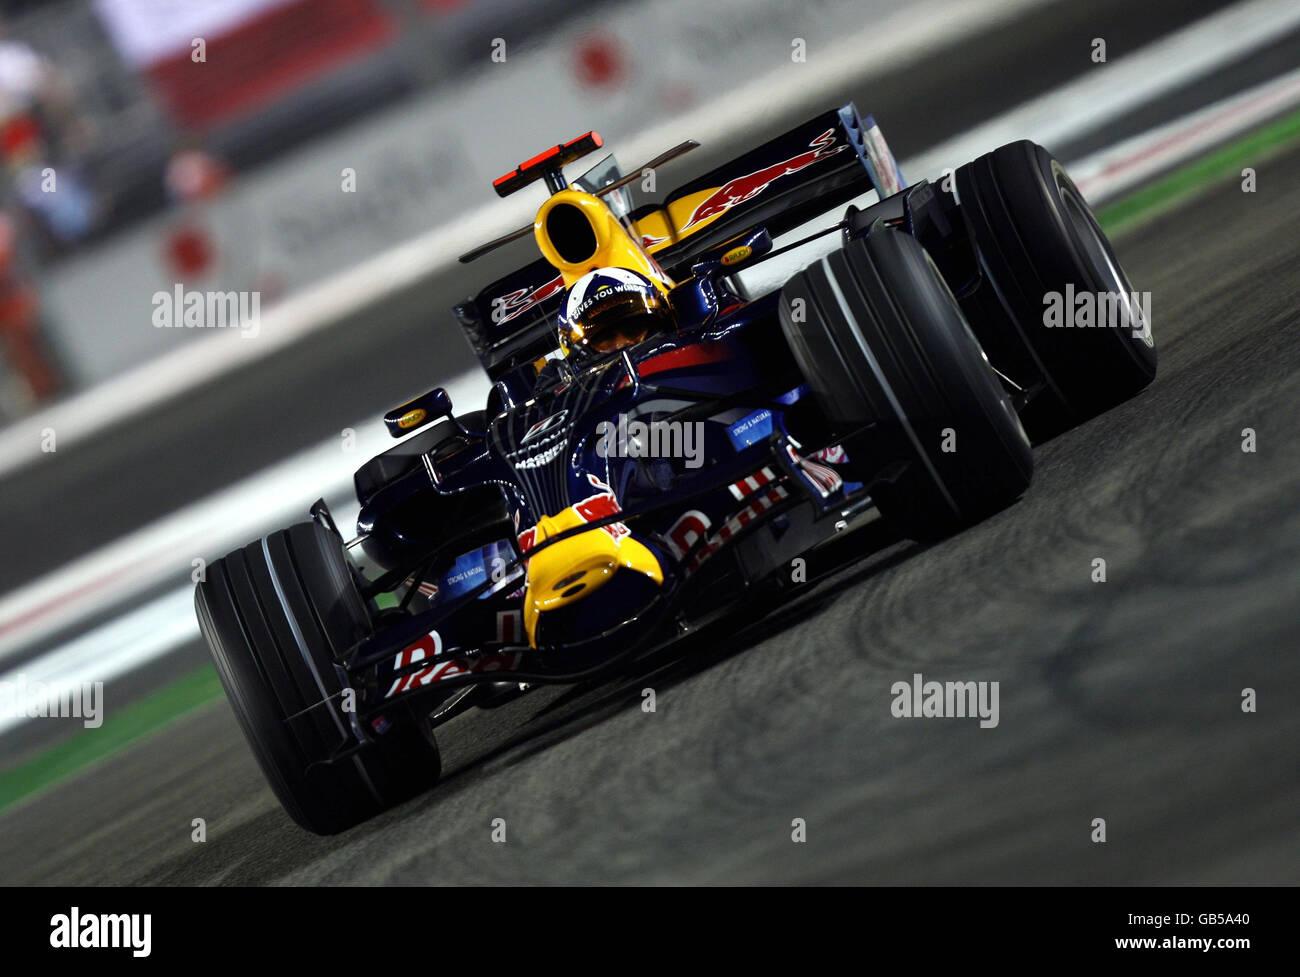 La course automobile de Formule 1 - Grand Prix de Singapour Singtel - Qualifications - Circuit de Marina Bay Park Banque D'Images